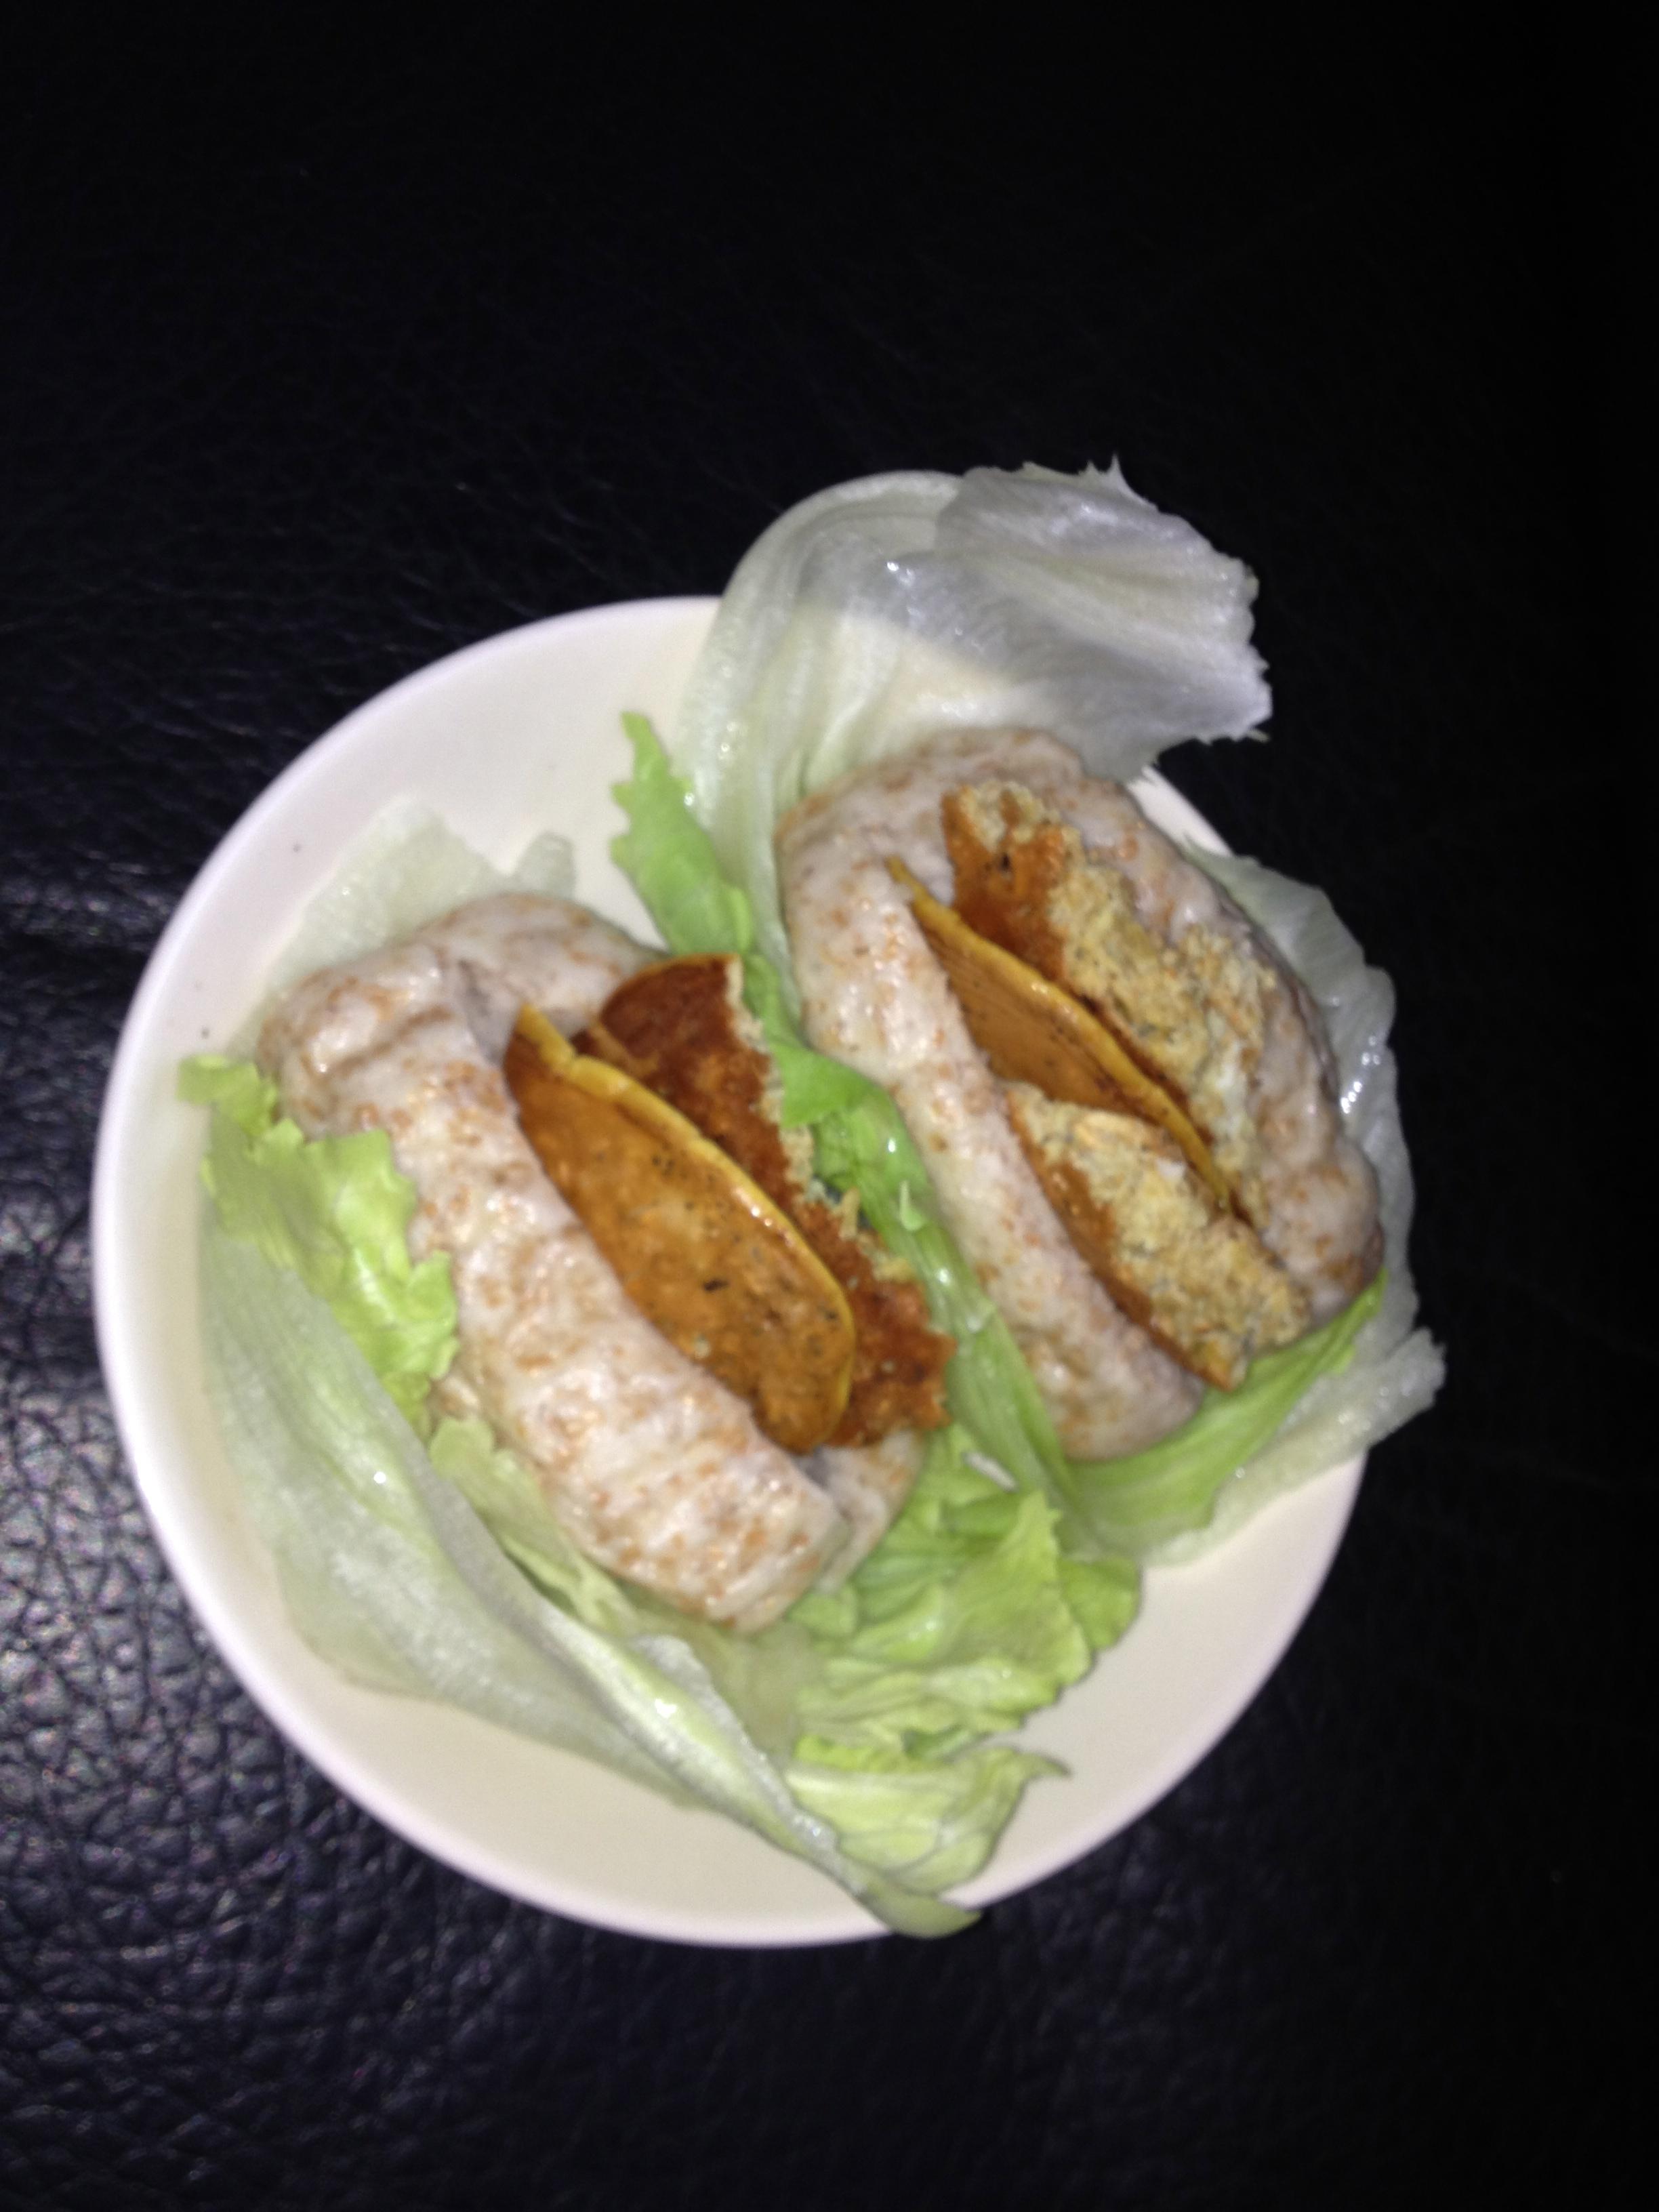 懶人早餐 饅頭夾蛋配生菜